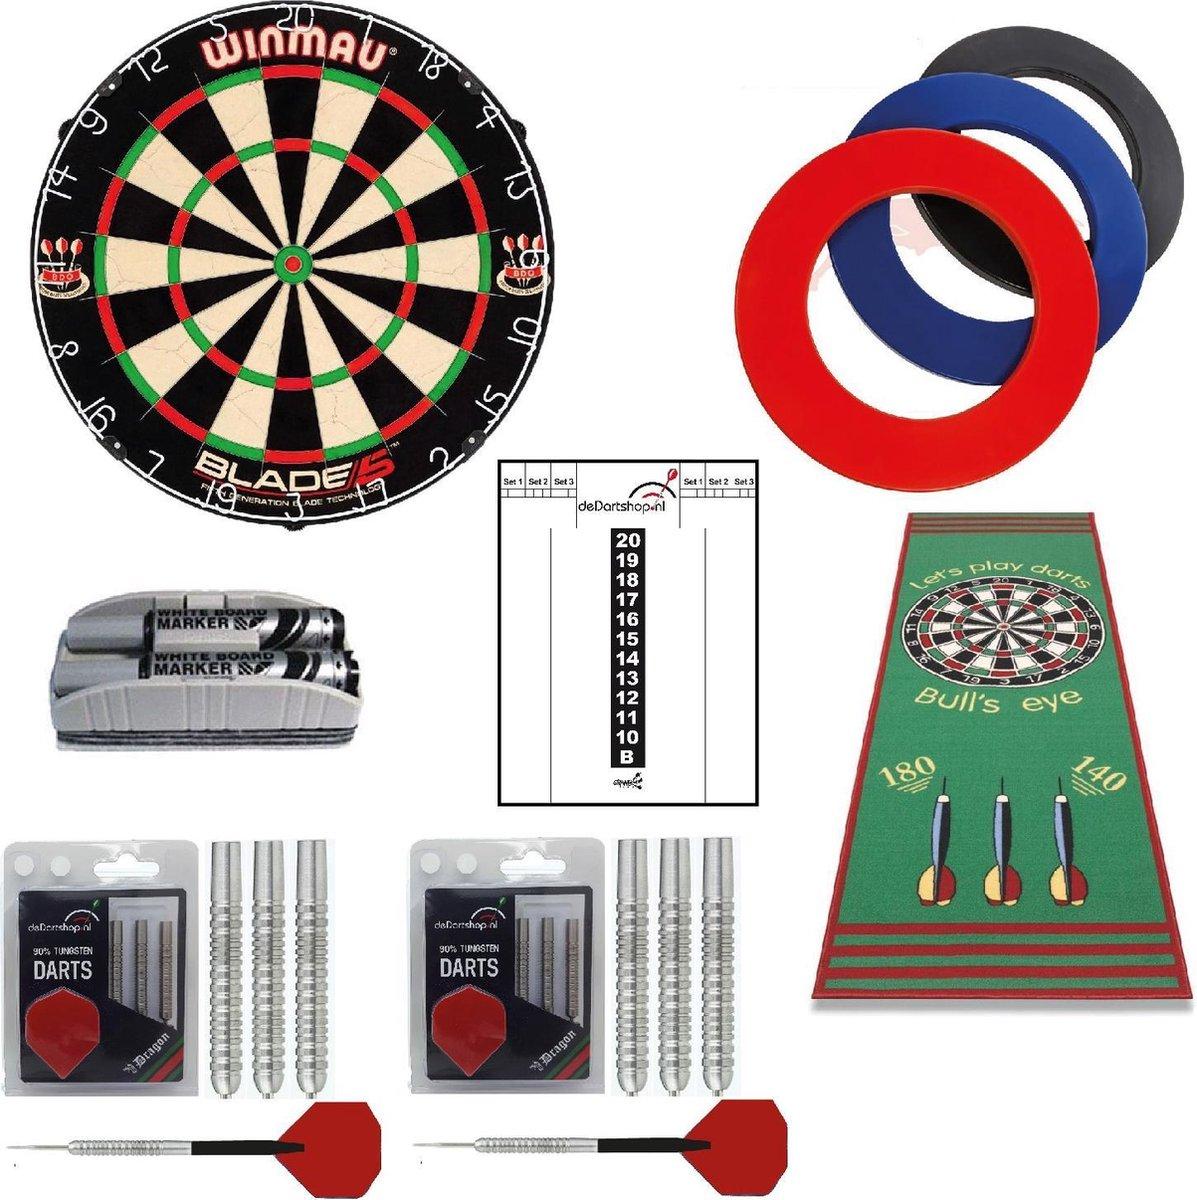 Winmau - Professional Startersset - Dartbord - dartpijlen - zwarte surround ring - dartmat - Whitebord - Wisser - stiften